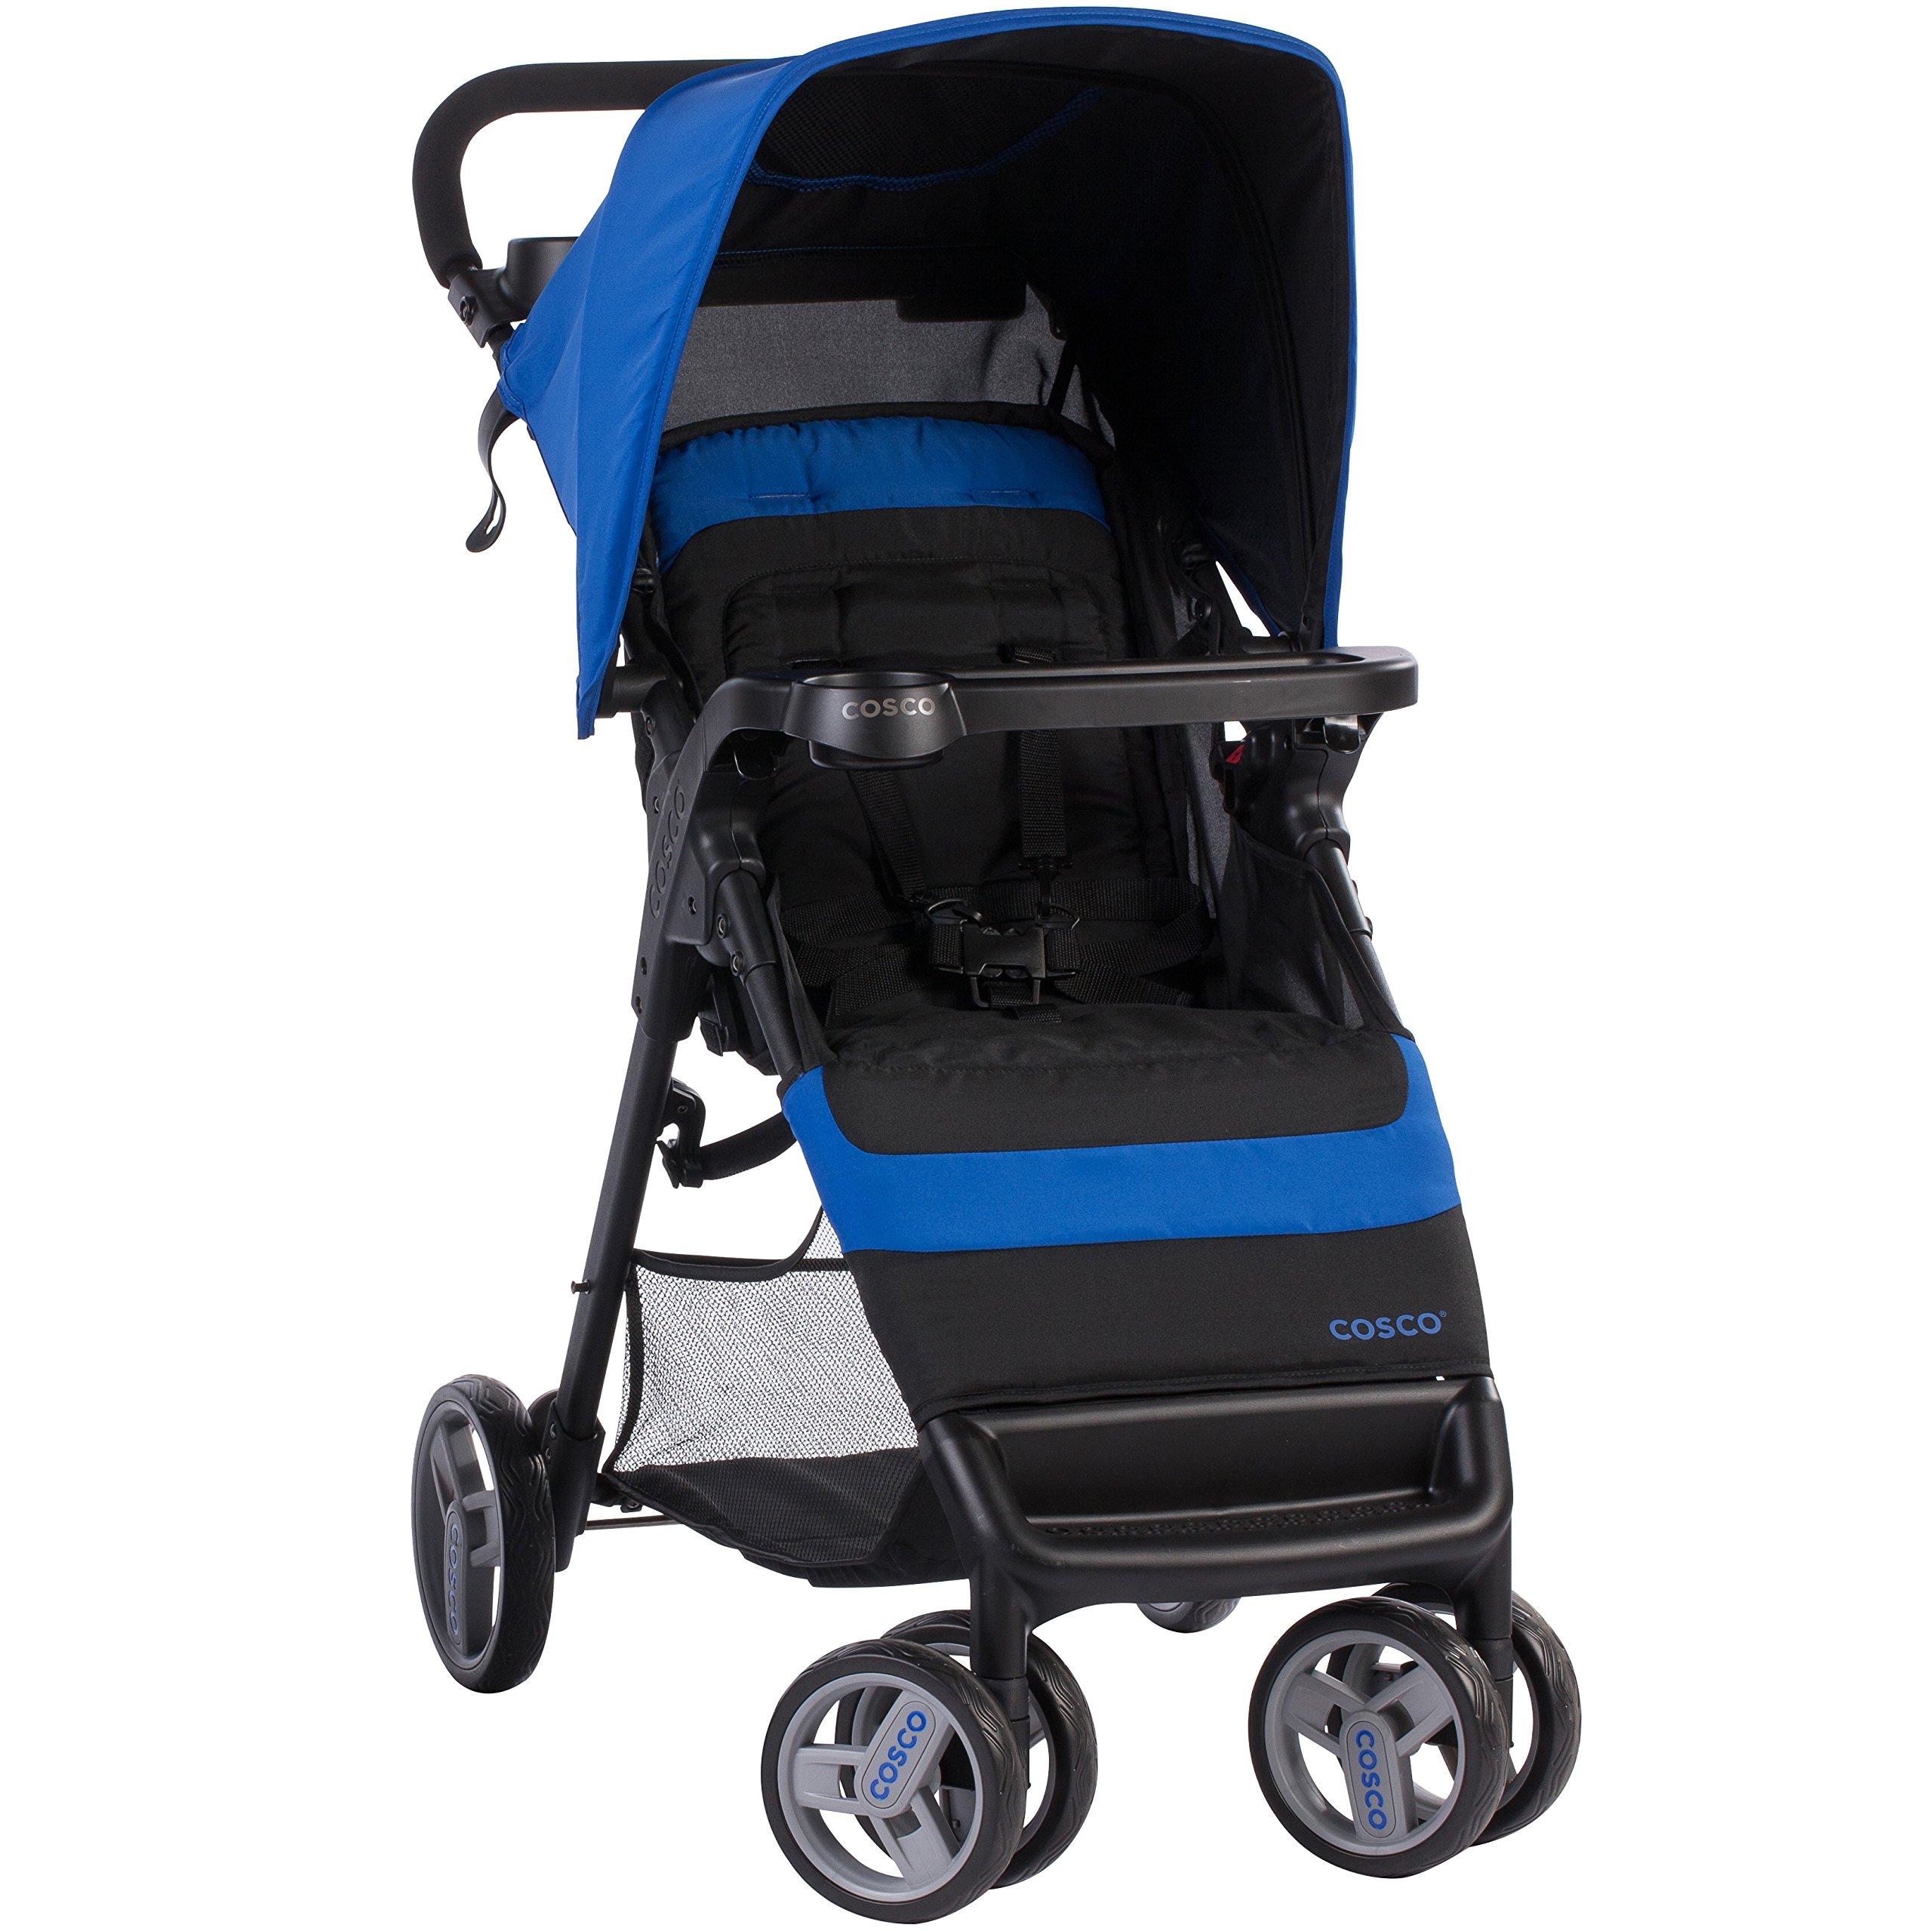 Cosco Simple Fold Stroller, Sapphire Sea